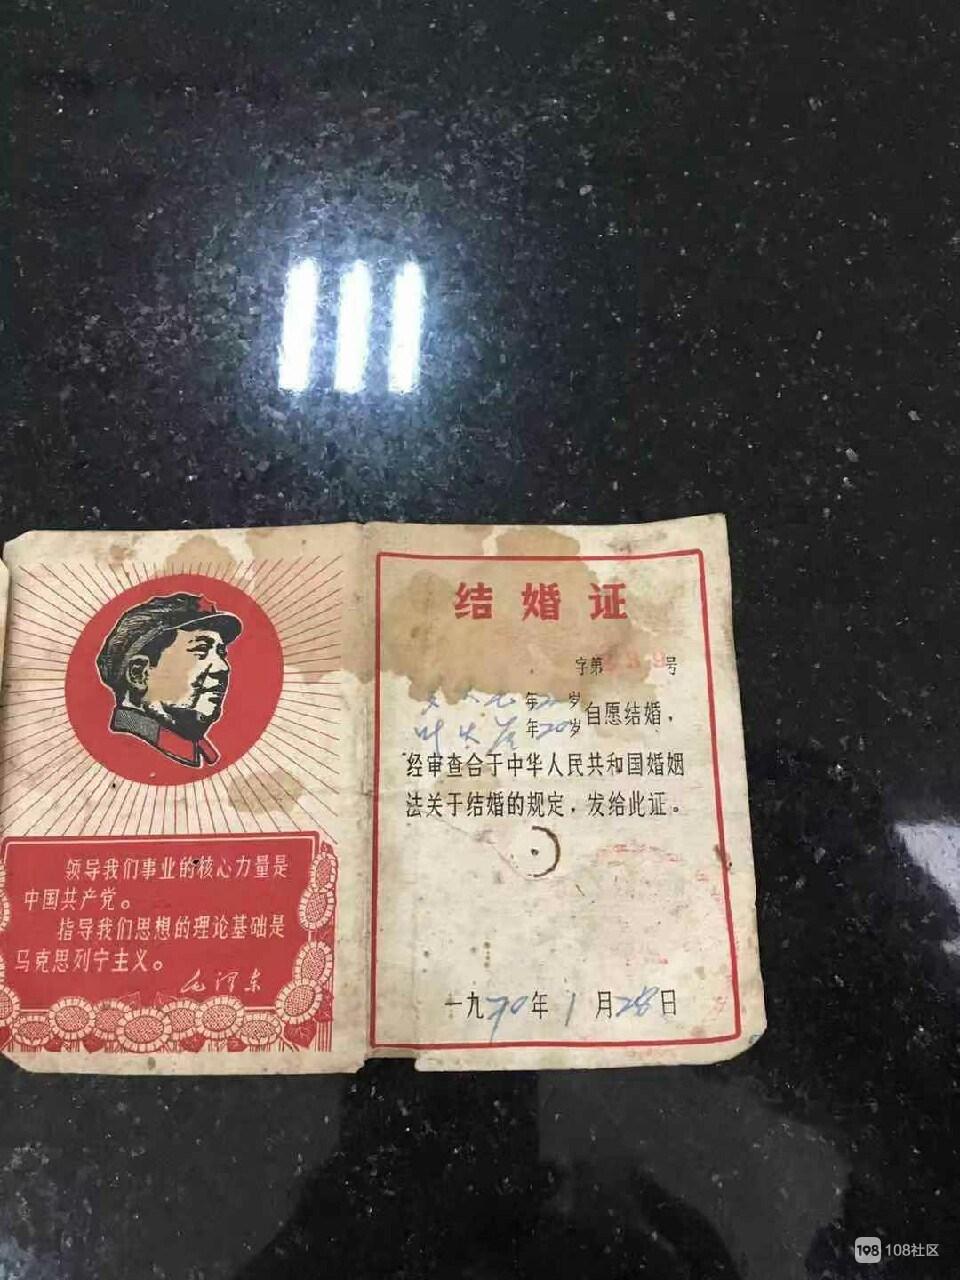 第一次见到这么古老的结婚证!买房过户时无意中发现